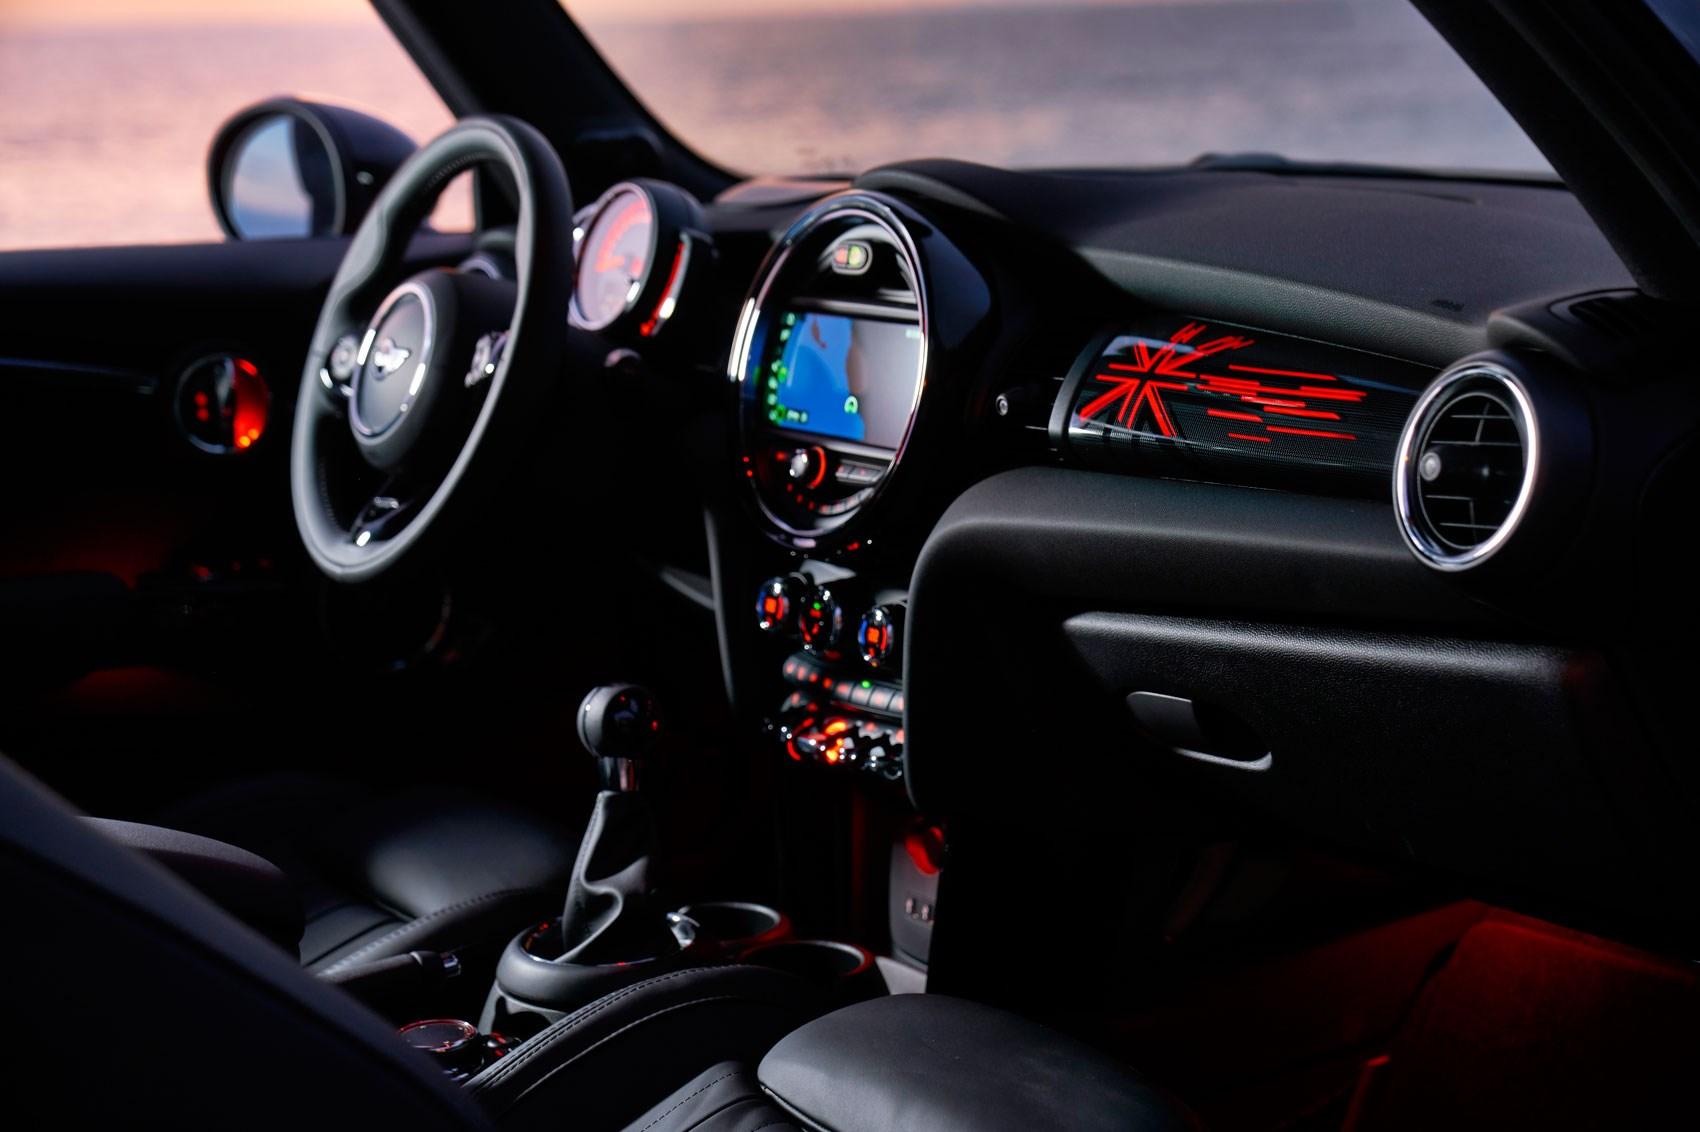 New 2018 Mini hatchback, five-door, Convertible facelift